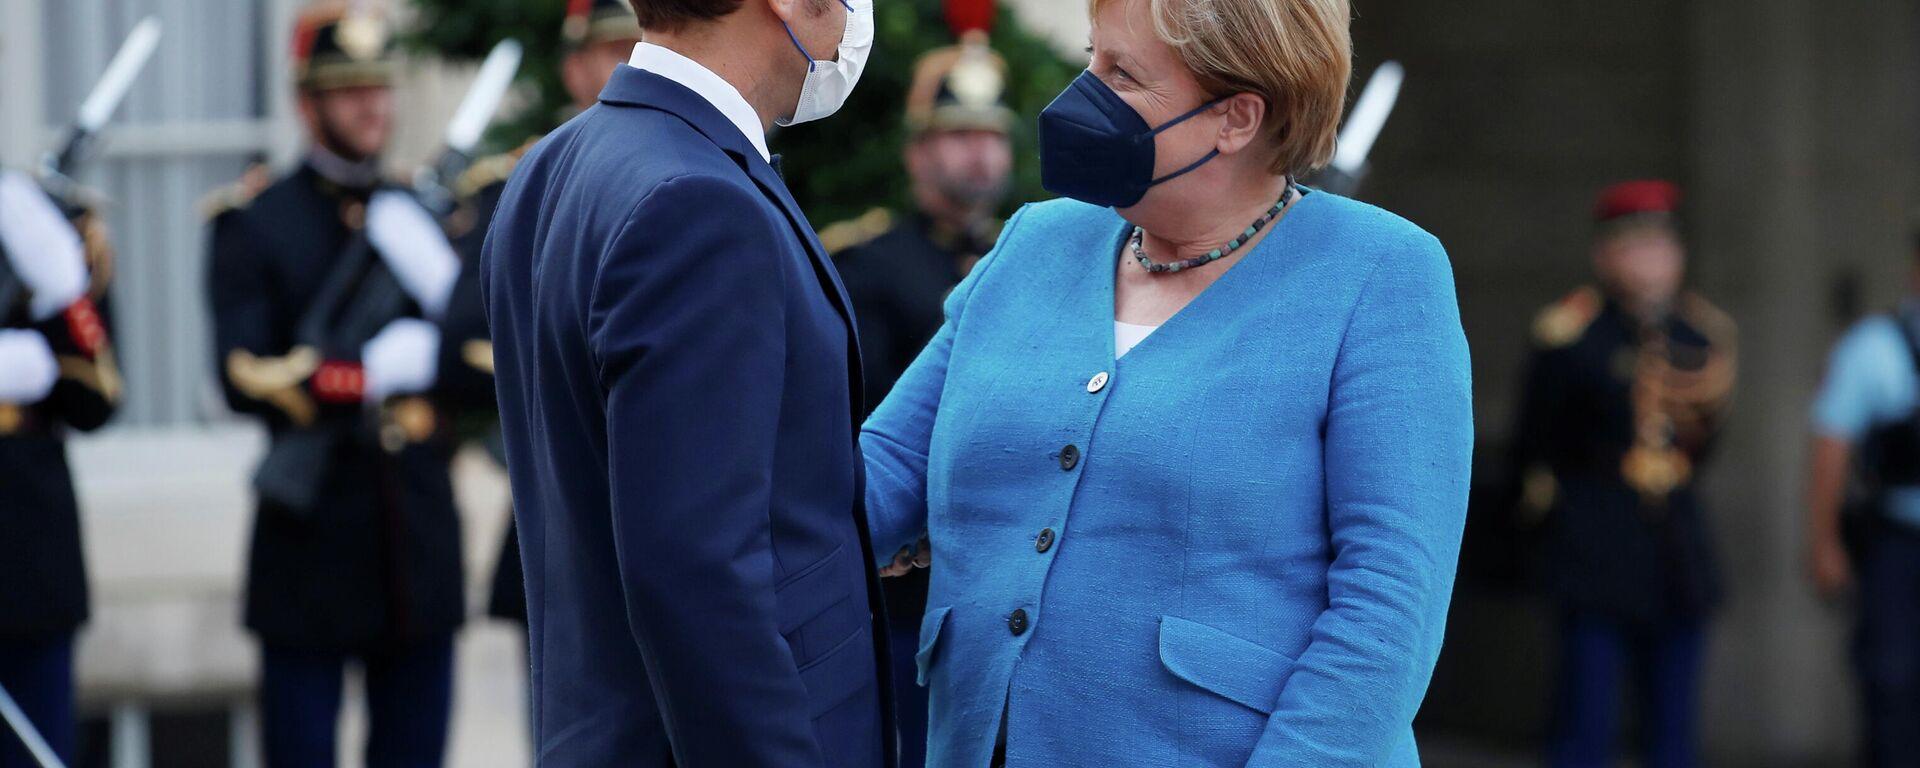 Die deutsche Bundeskanzlerin Angela Merkel und der französische Präsident Emmanuel Macron bei ihrem Treffen in Paris am 16. 09. 2021 - SNA, 1920, 16.09.2021